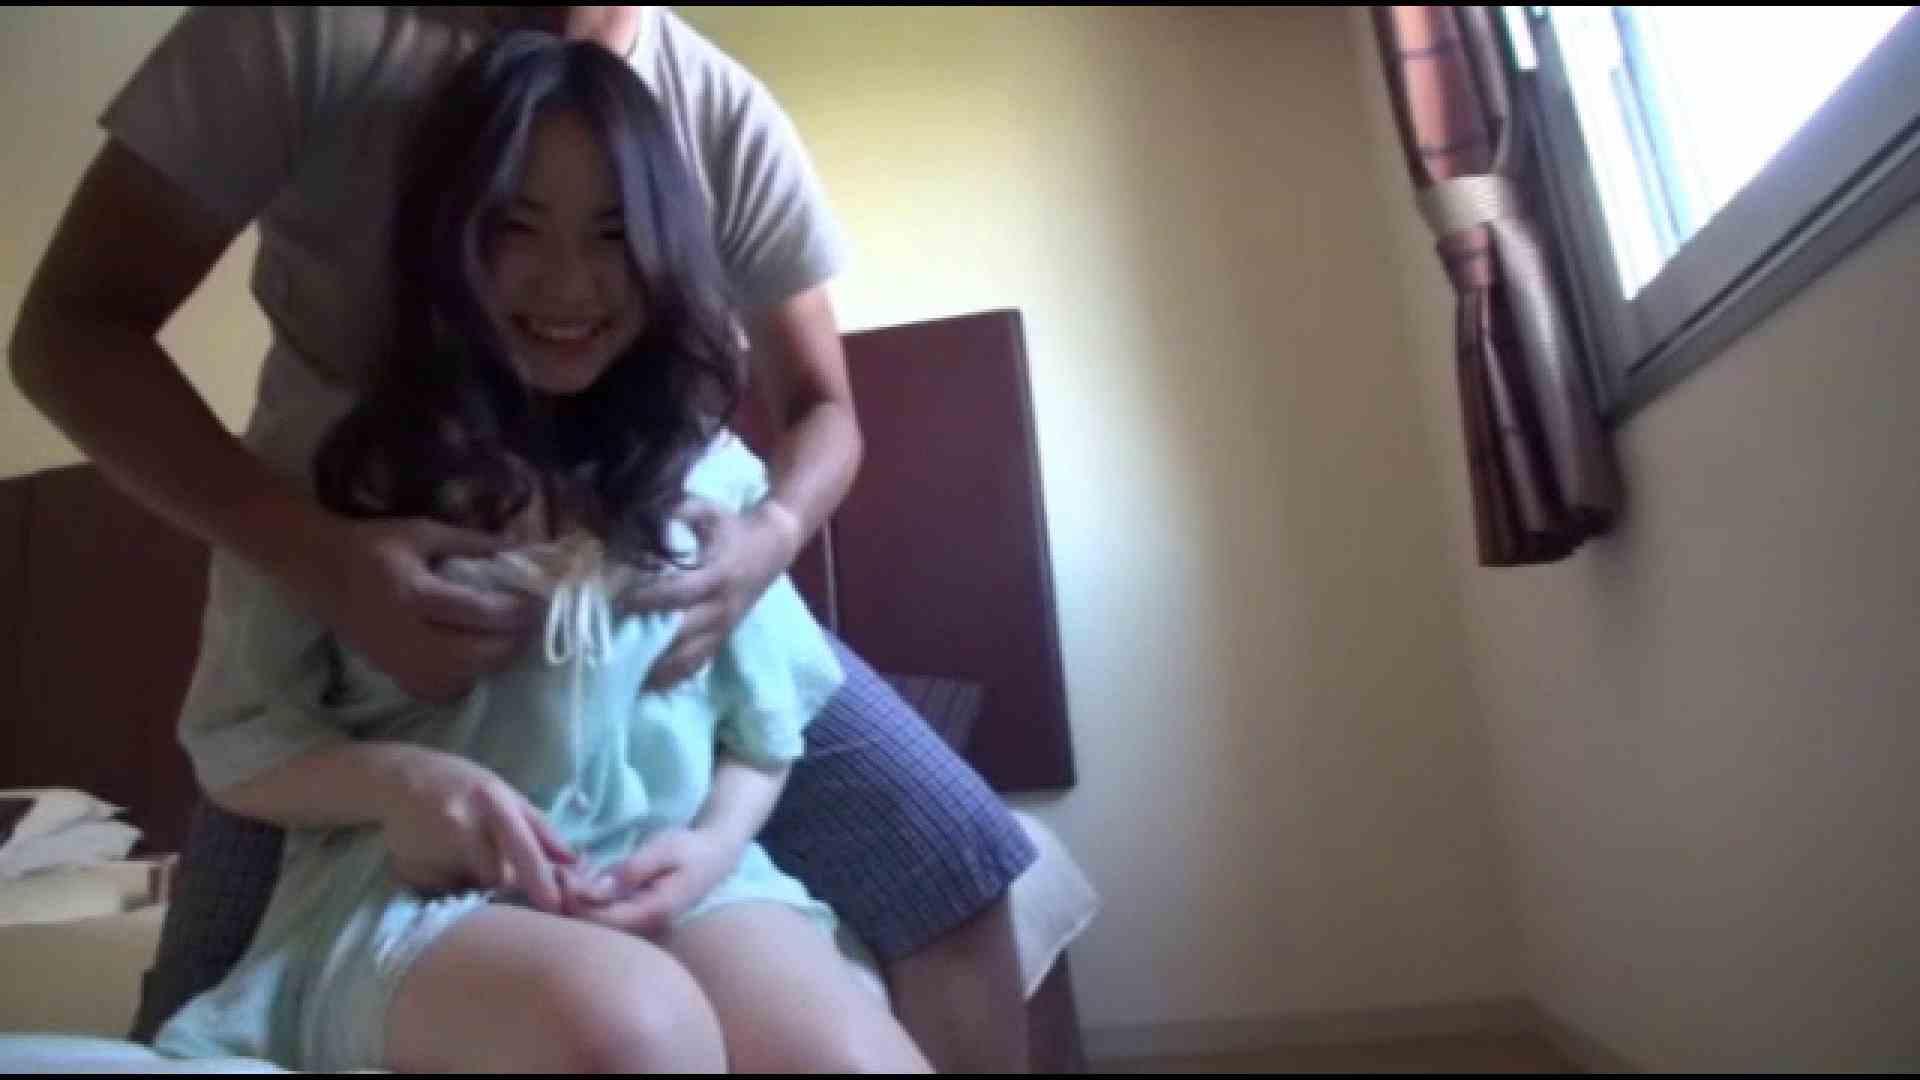 おしえてギャル子のH塾 Vol.43前編 ギャル盗撮映像  50PIX 8